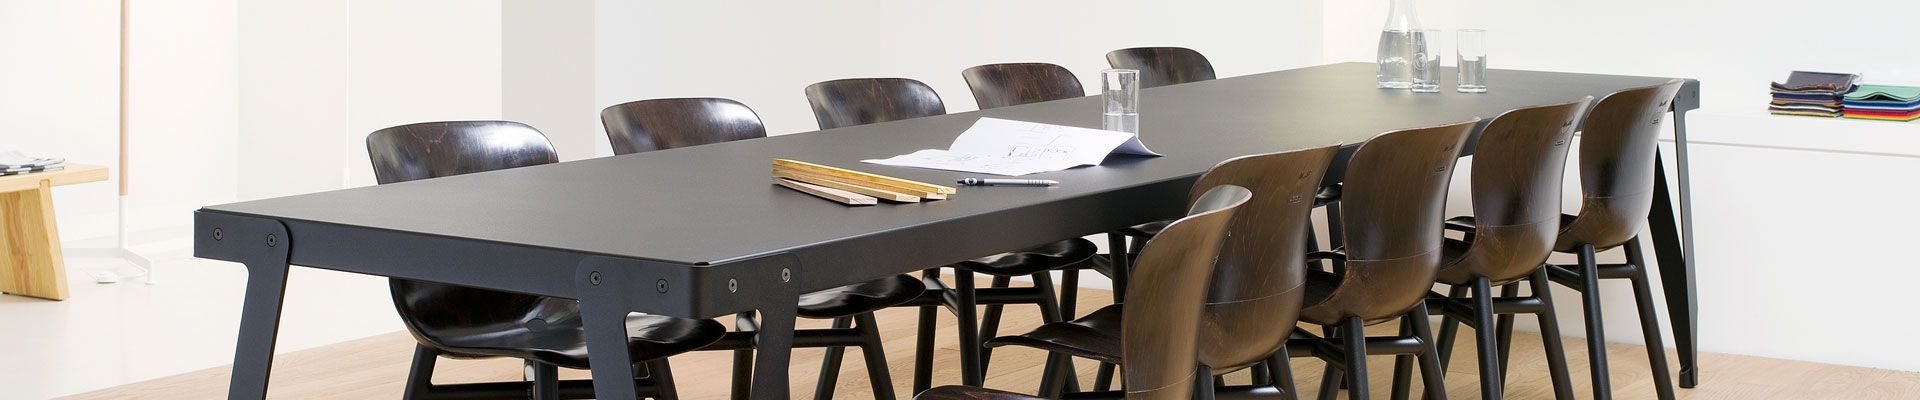 Functionals tafels